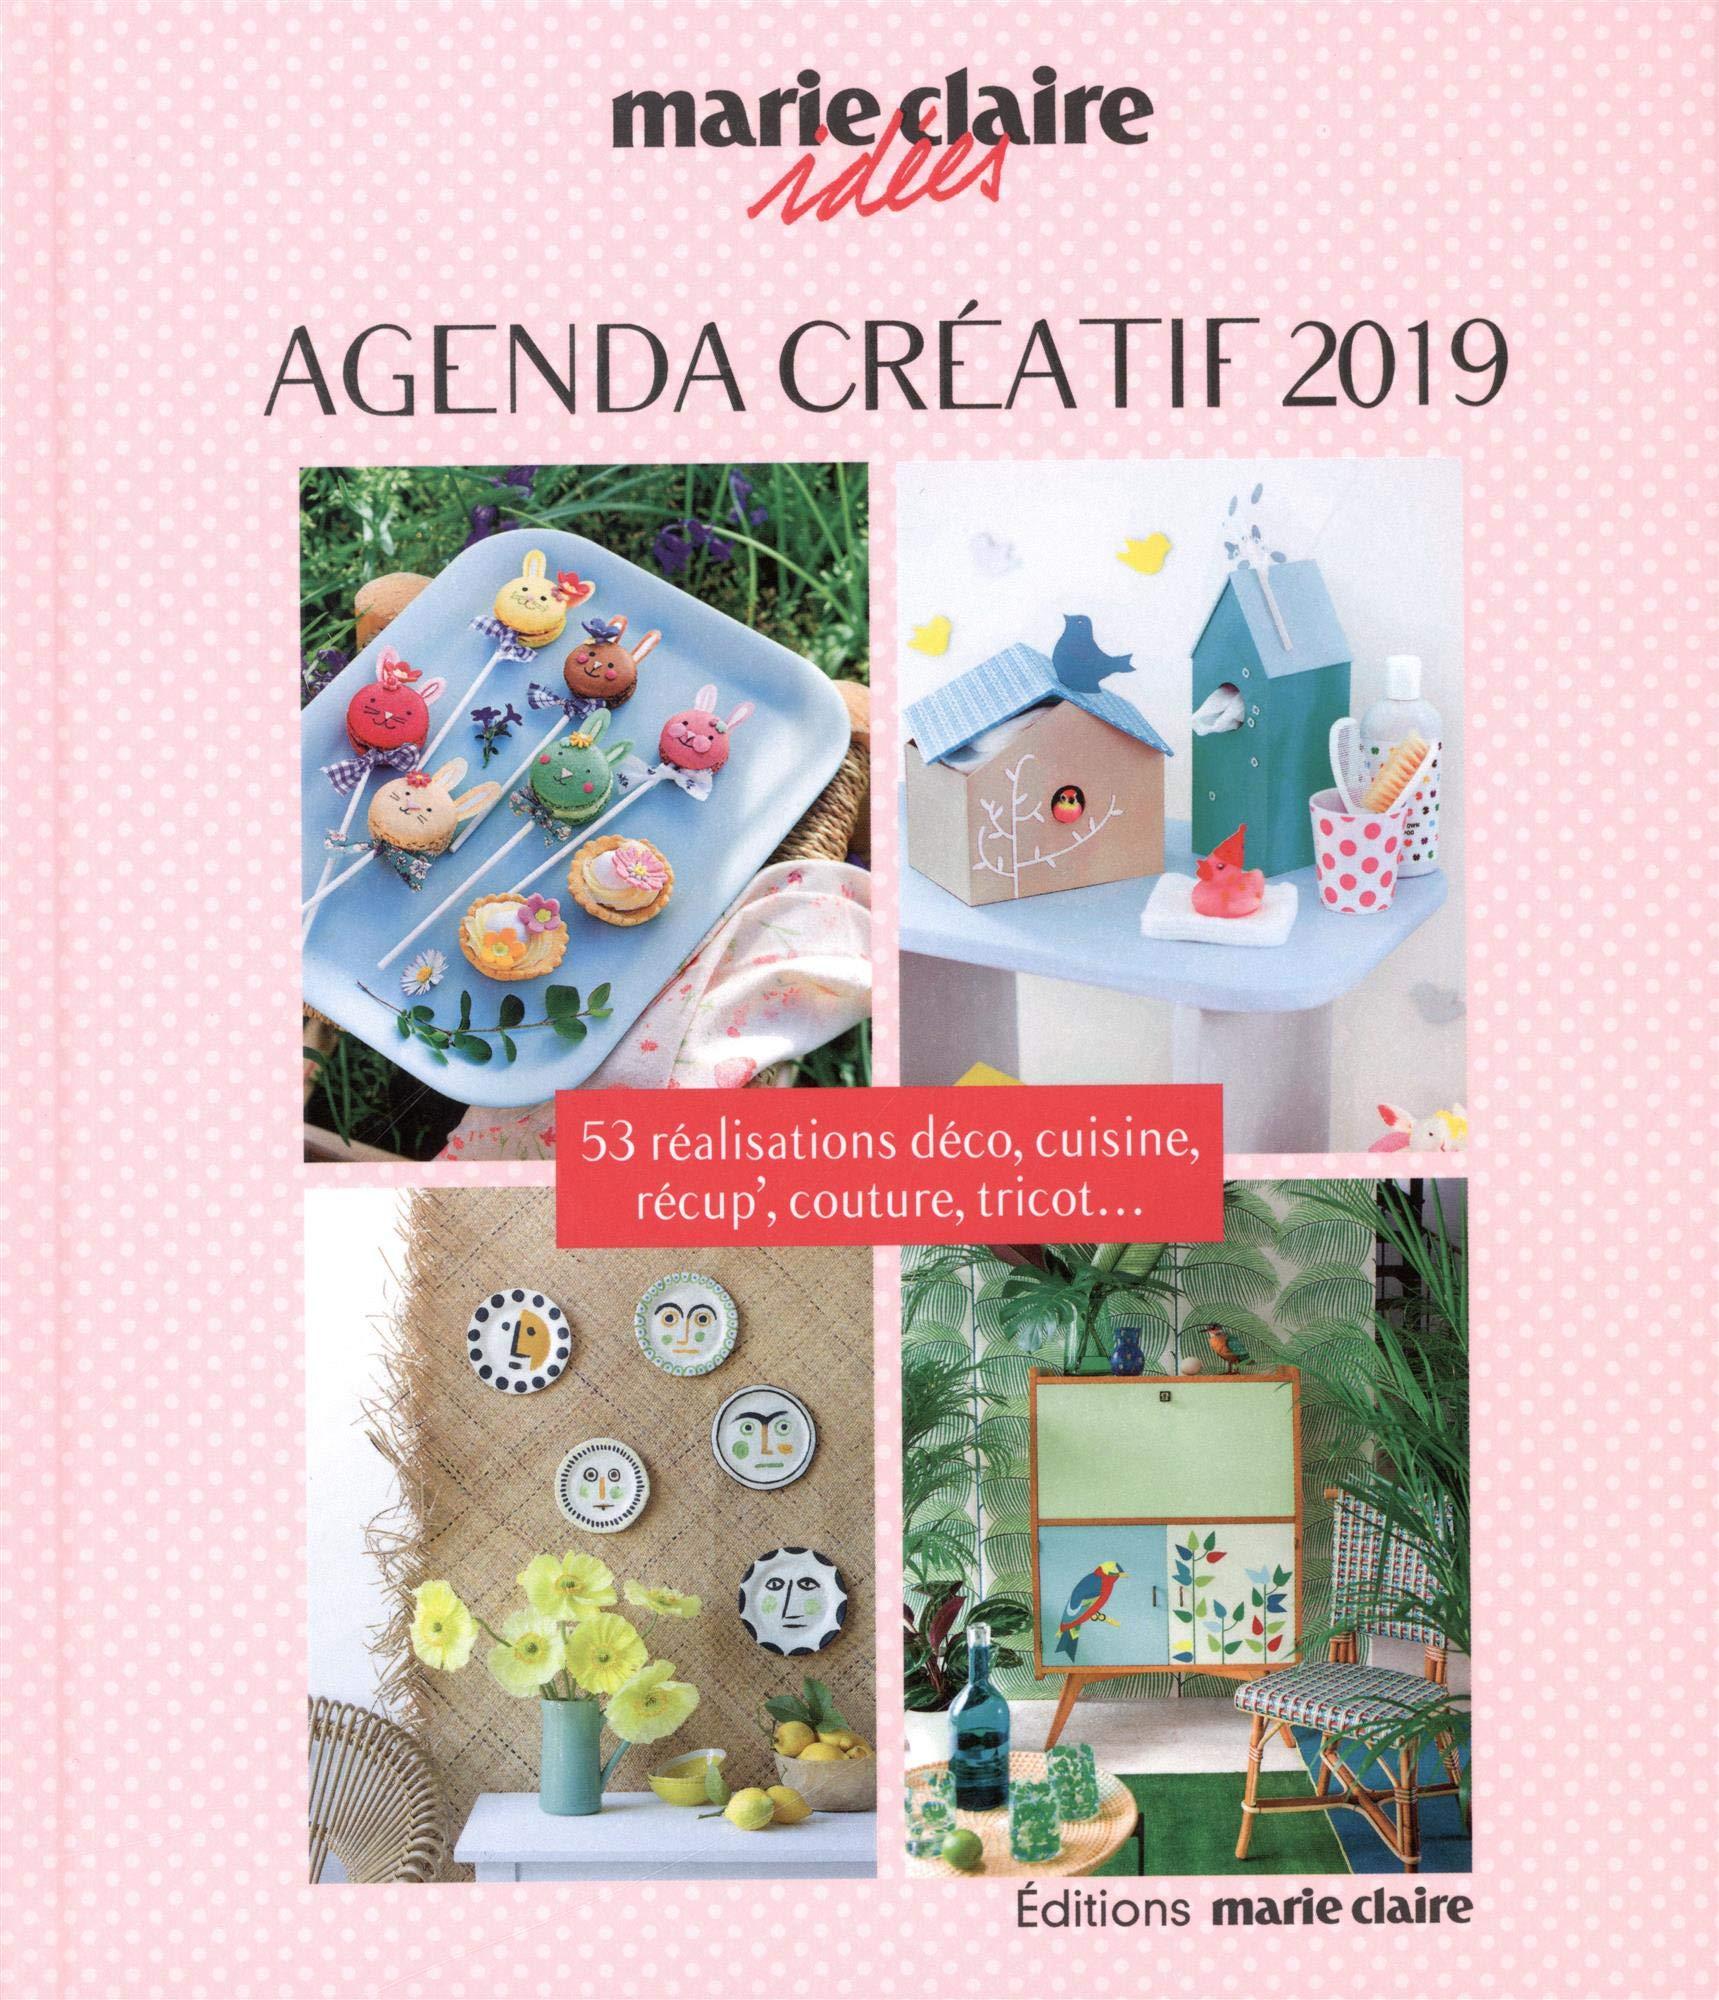 Agenda creatif marie-claire idees 17: Amazon.es: Marie Claire